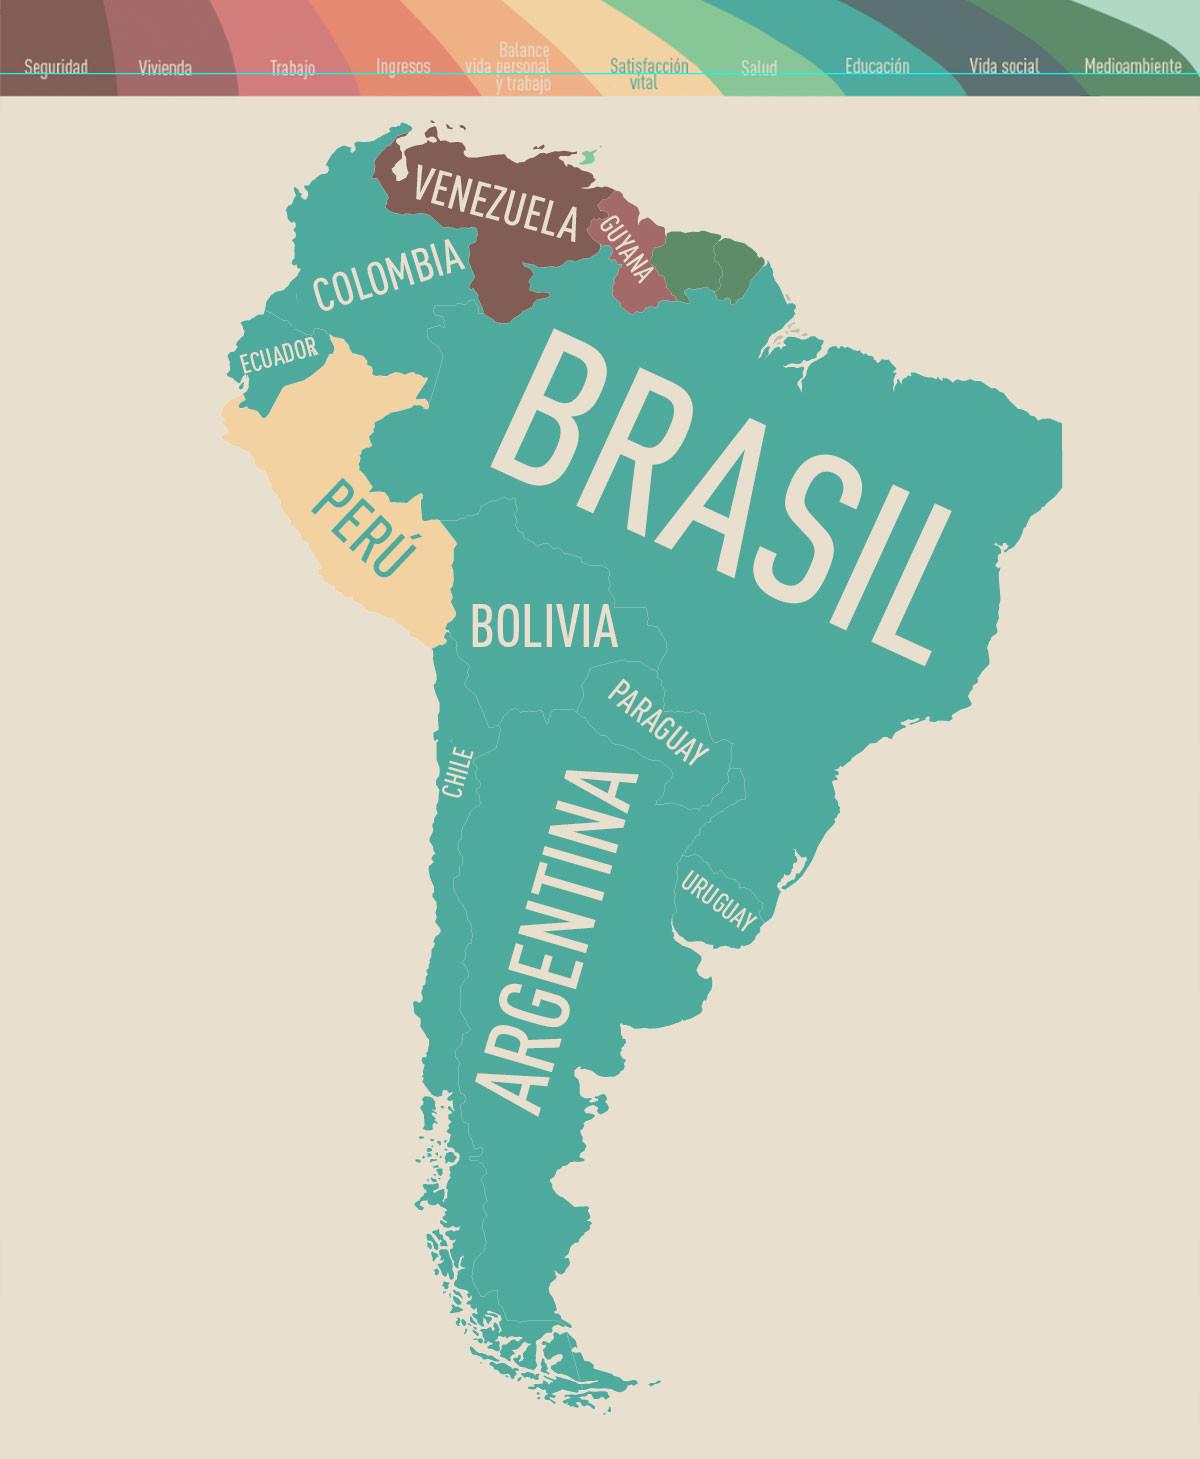 Infografía: ¿Qué es lo que más preocupa a los países de América Latina y el Caribe?